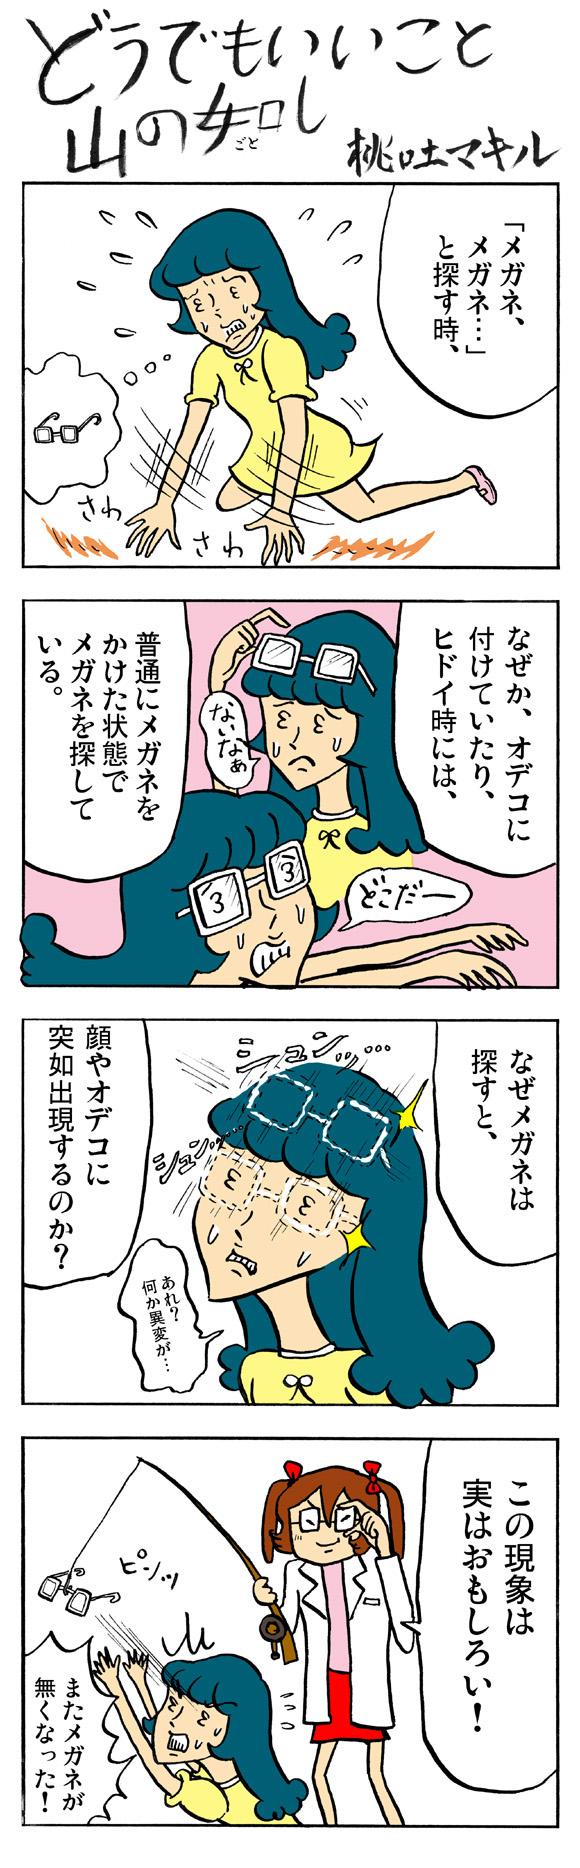 【まんが】どうでもいいこと山の如し「第27話:メガネの如し」 by 桃吐マキル